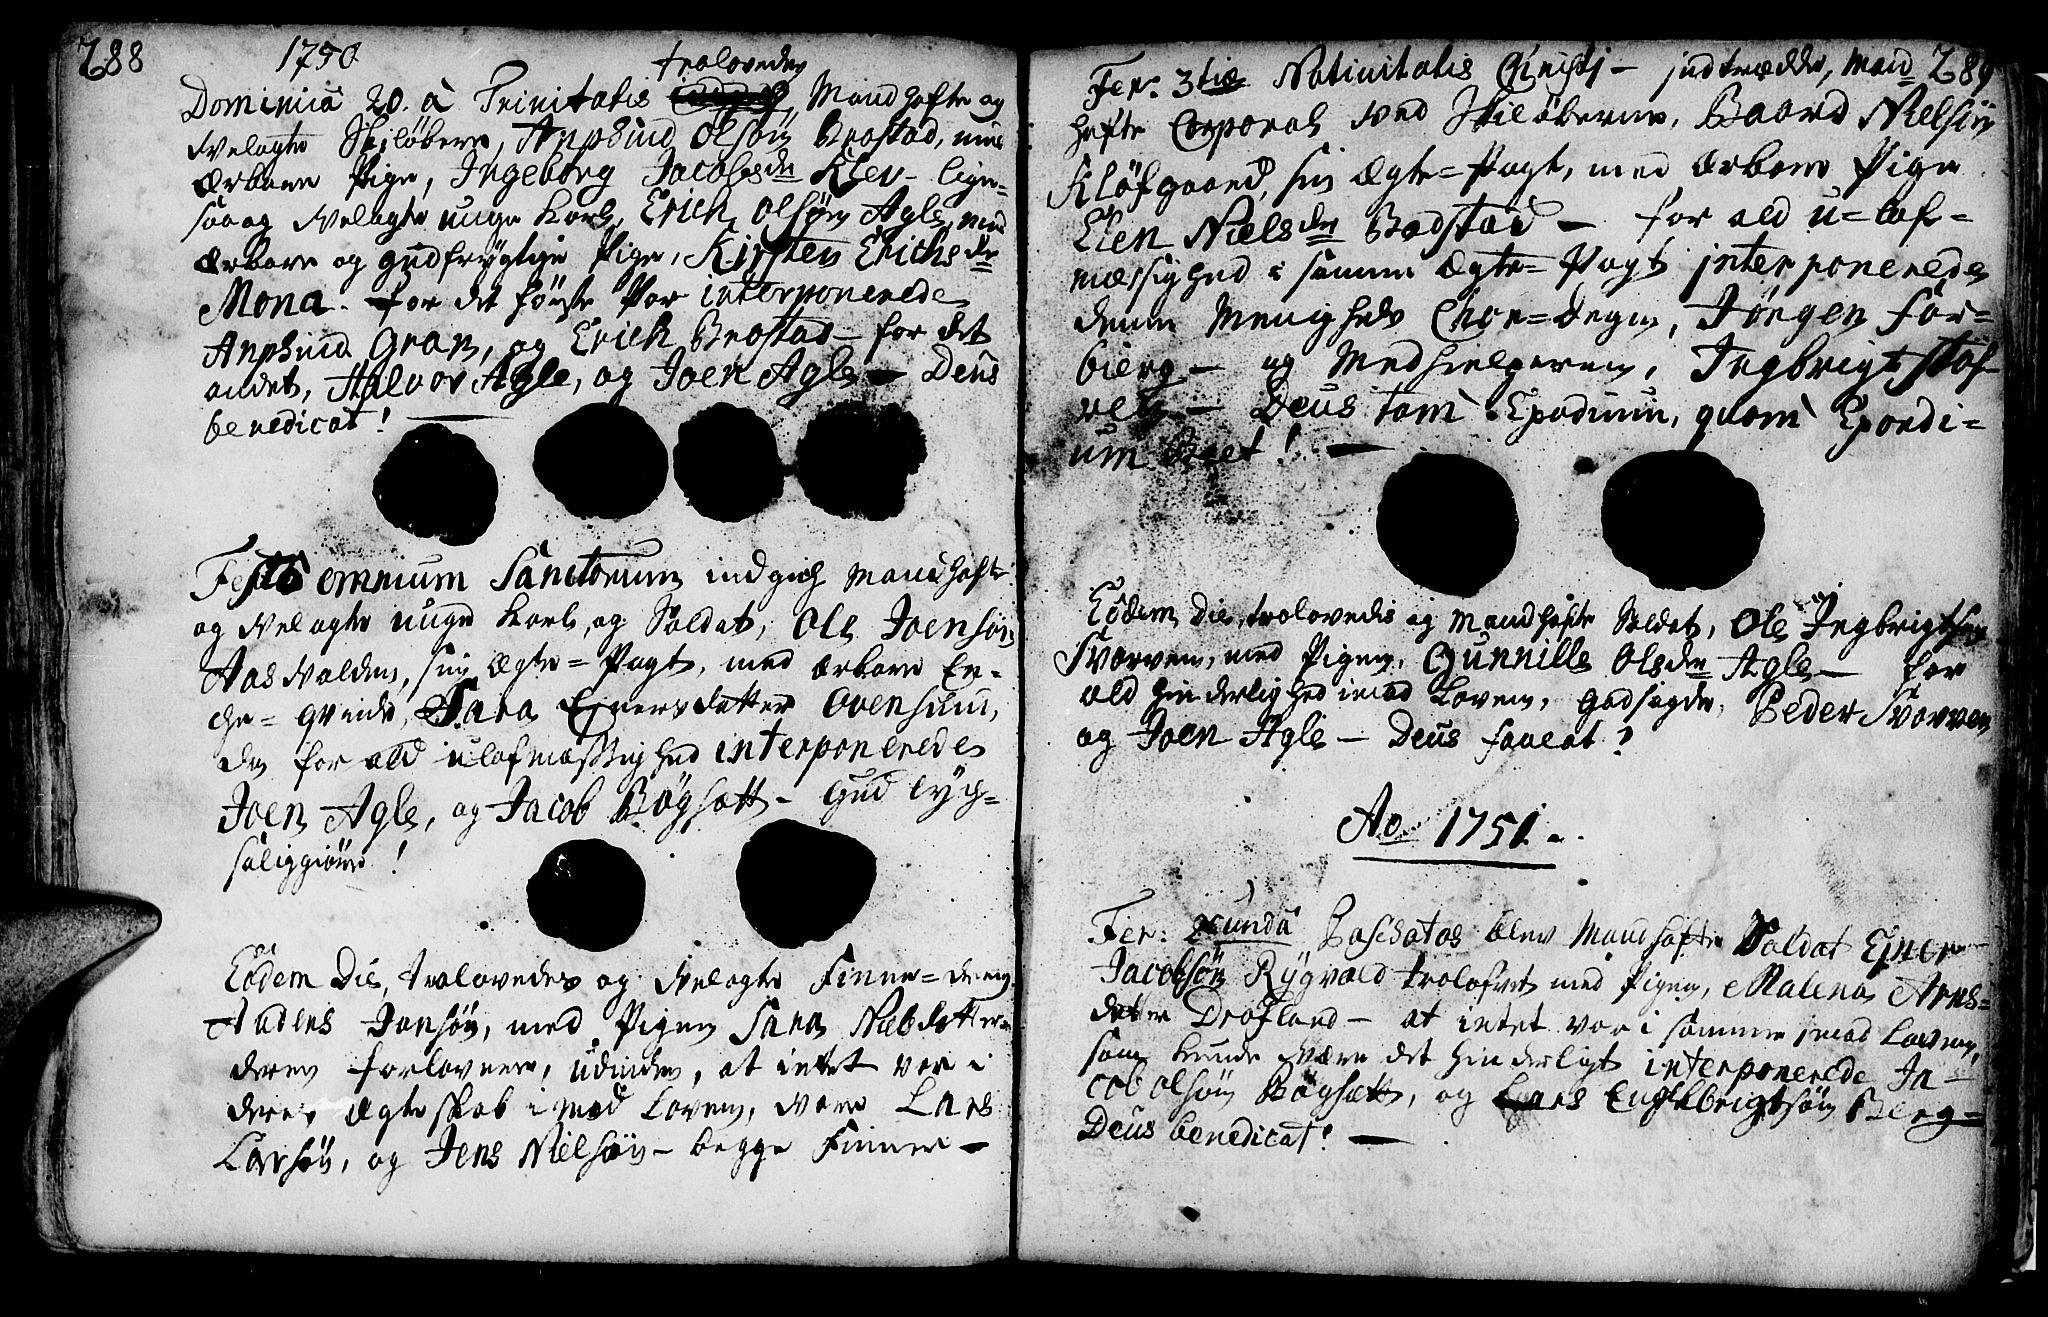 SAT, Ministerialprotokoller, klokkerbøker og fødselsregistre - Nord-Trøndelag, 749/L0467: Ministerialbok nr. 749A01, 1733-1787, s. 288-289